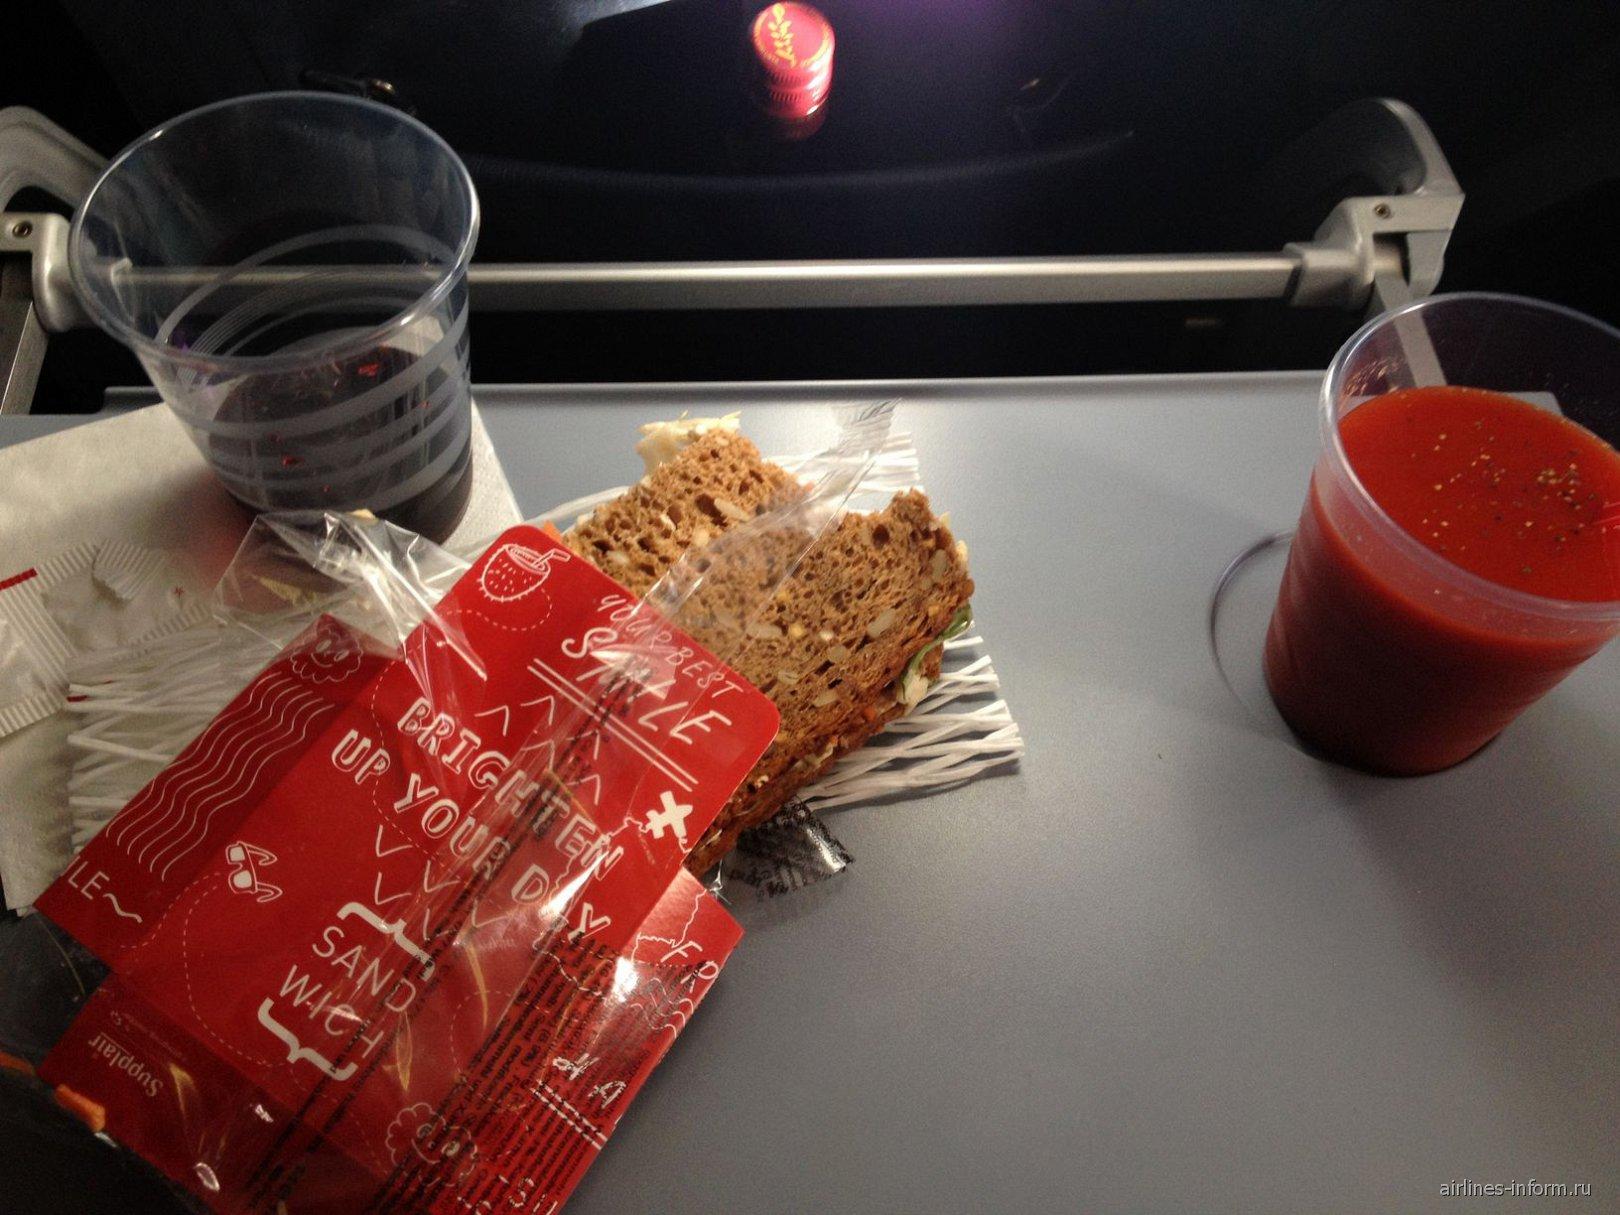 Сендвич и сок - бесплатное питание на рейсах airberlin